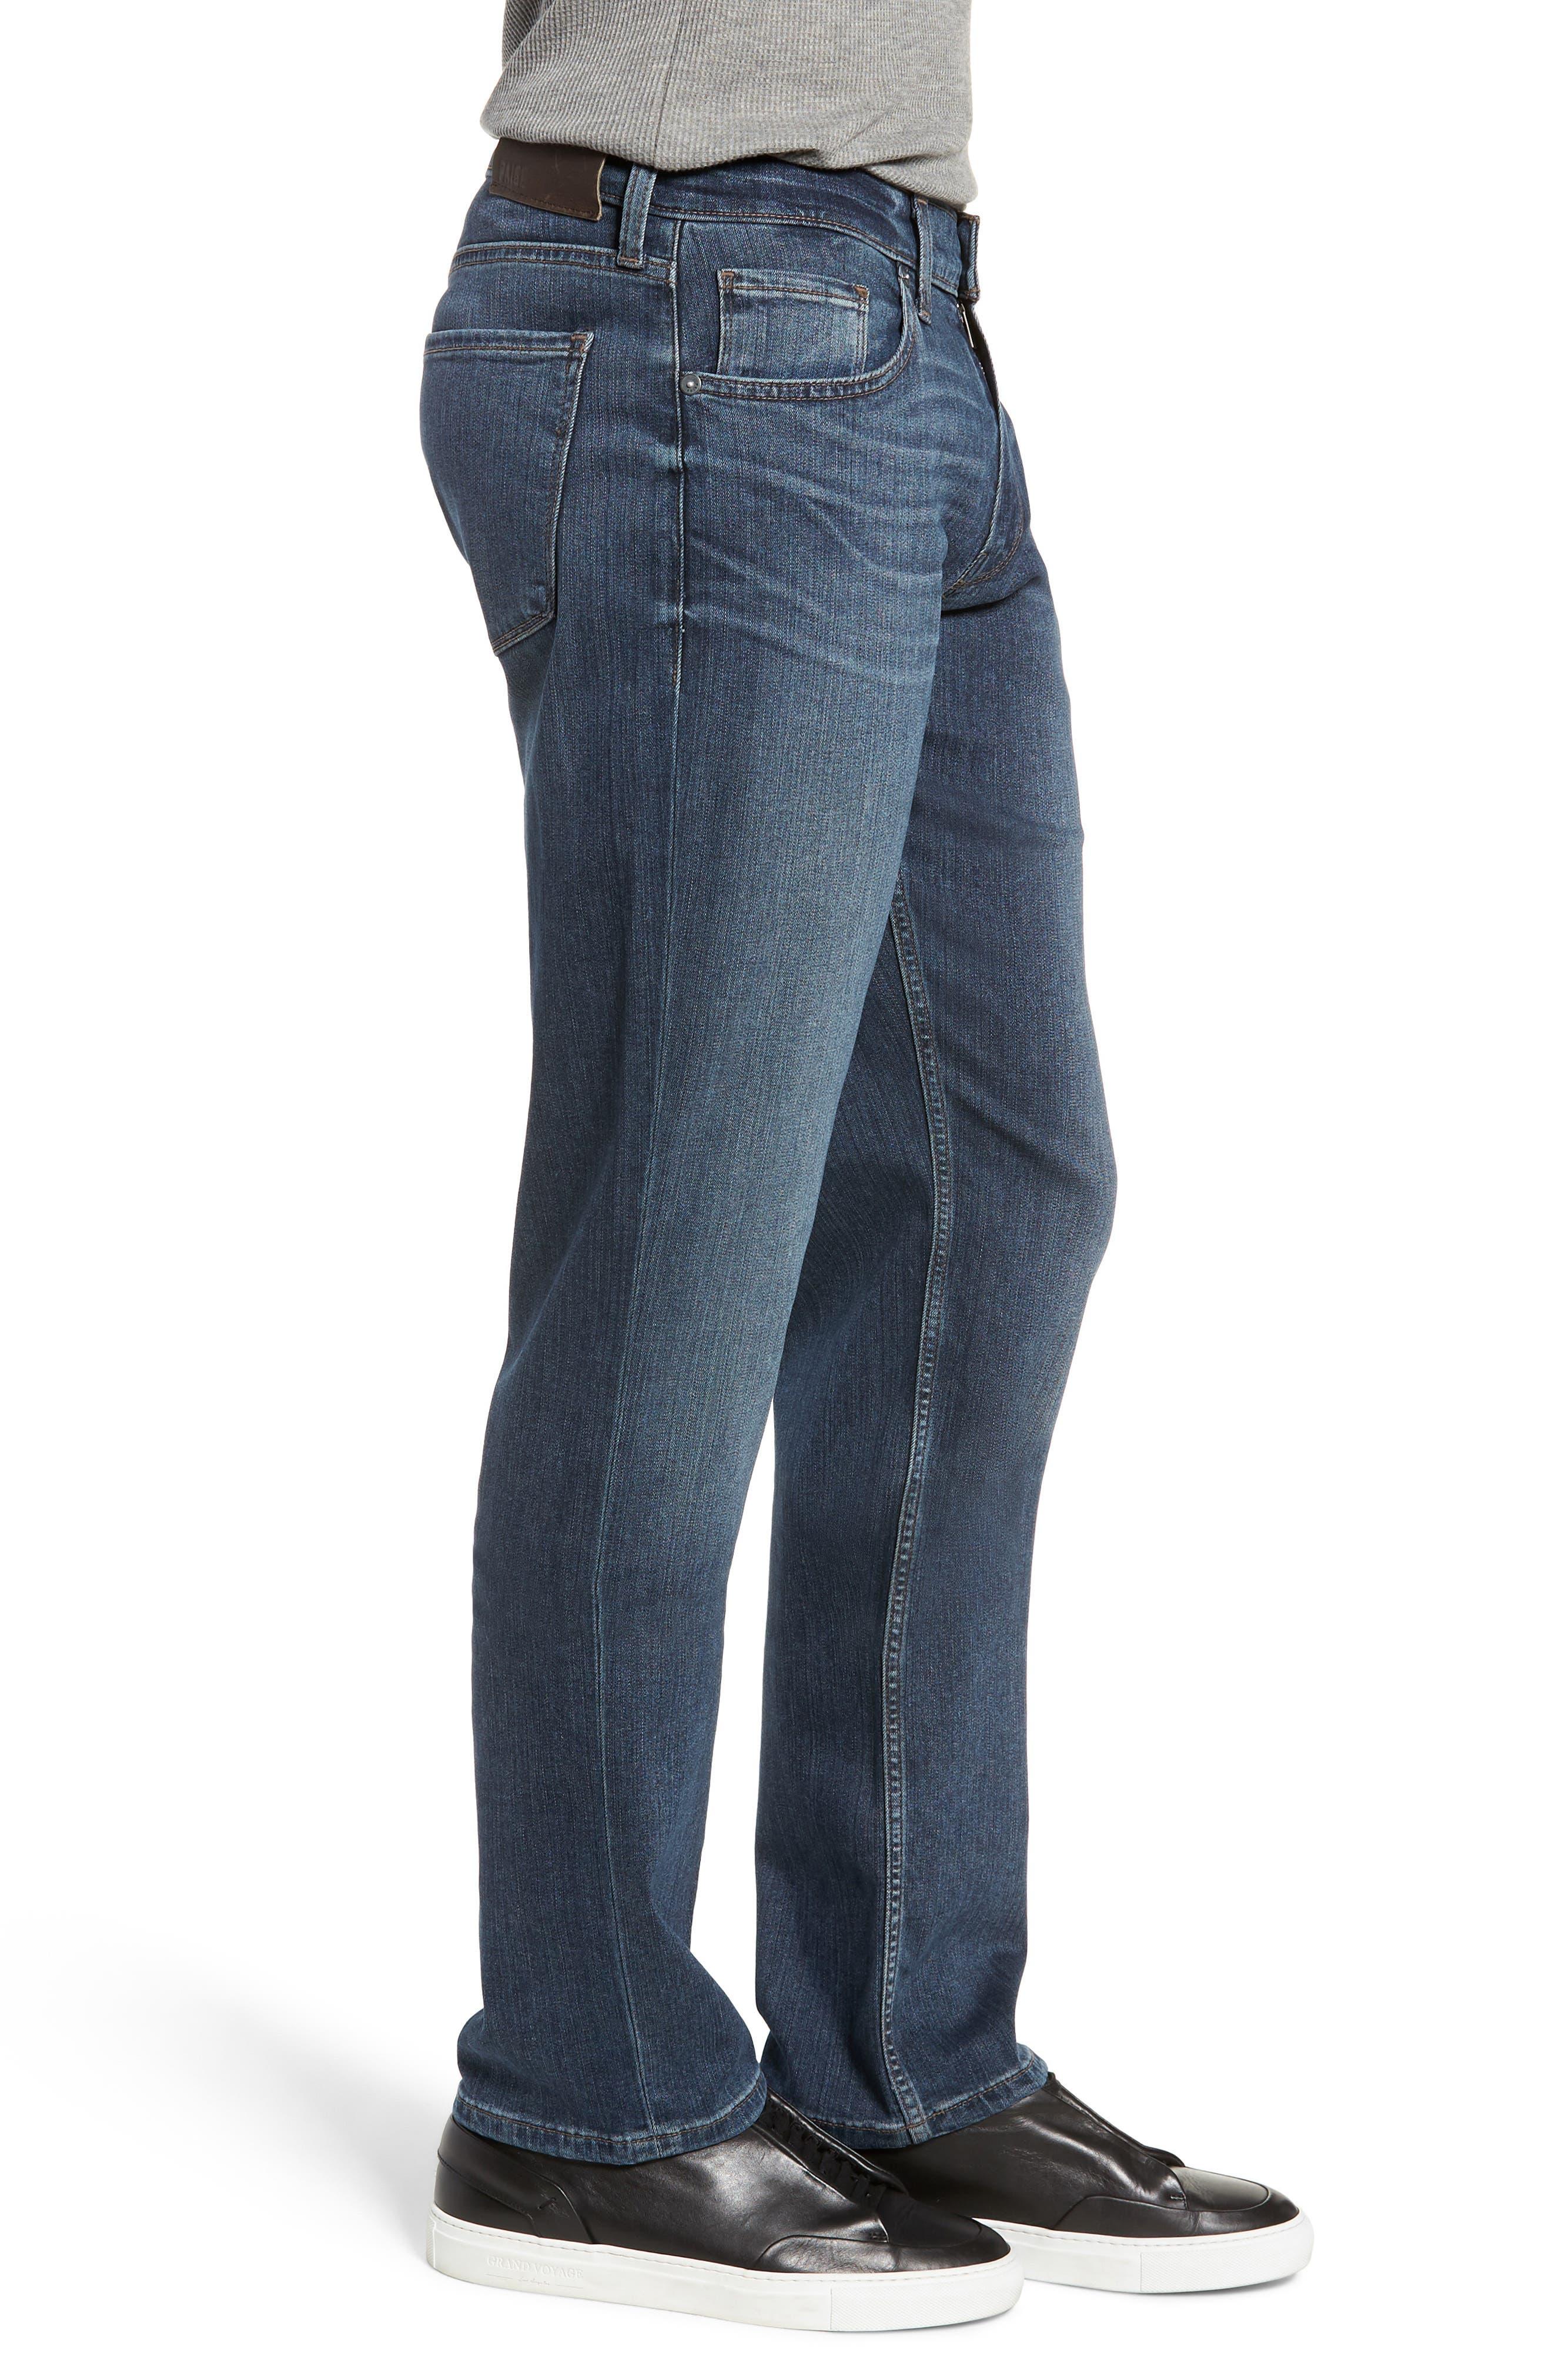 Transcend - Normandie Straight Leg Jeans,                             Alternate thumbnail 3, color,                             DILLON